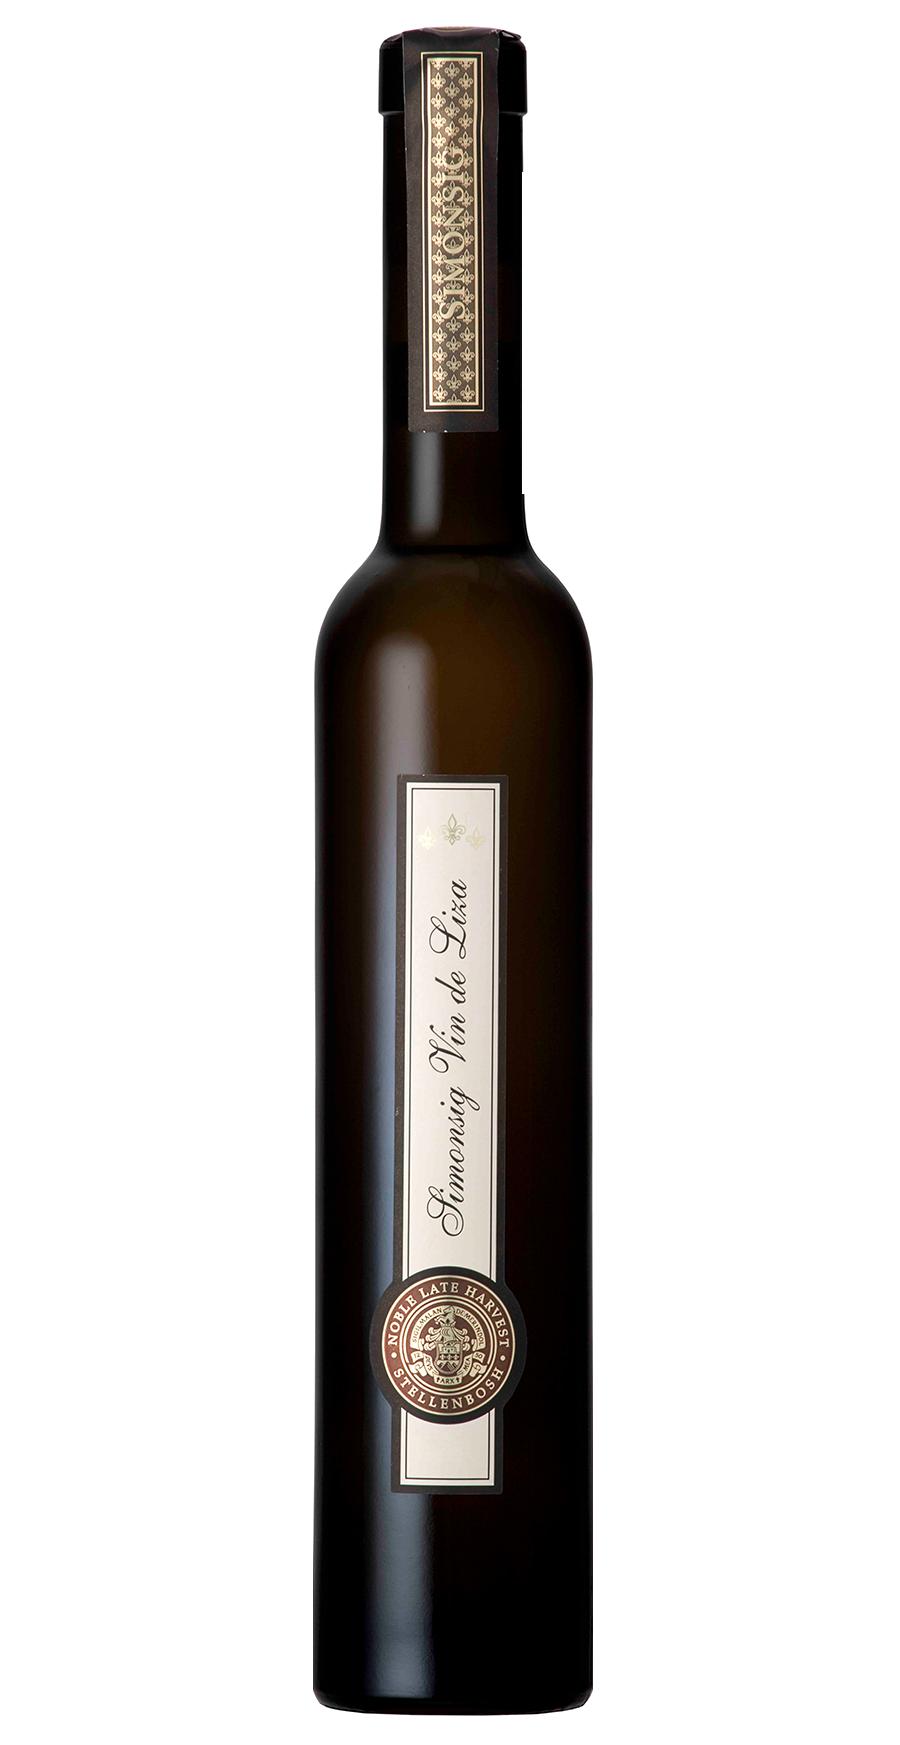 Landolt - Vin de Liza Noble Late Harvest